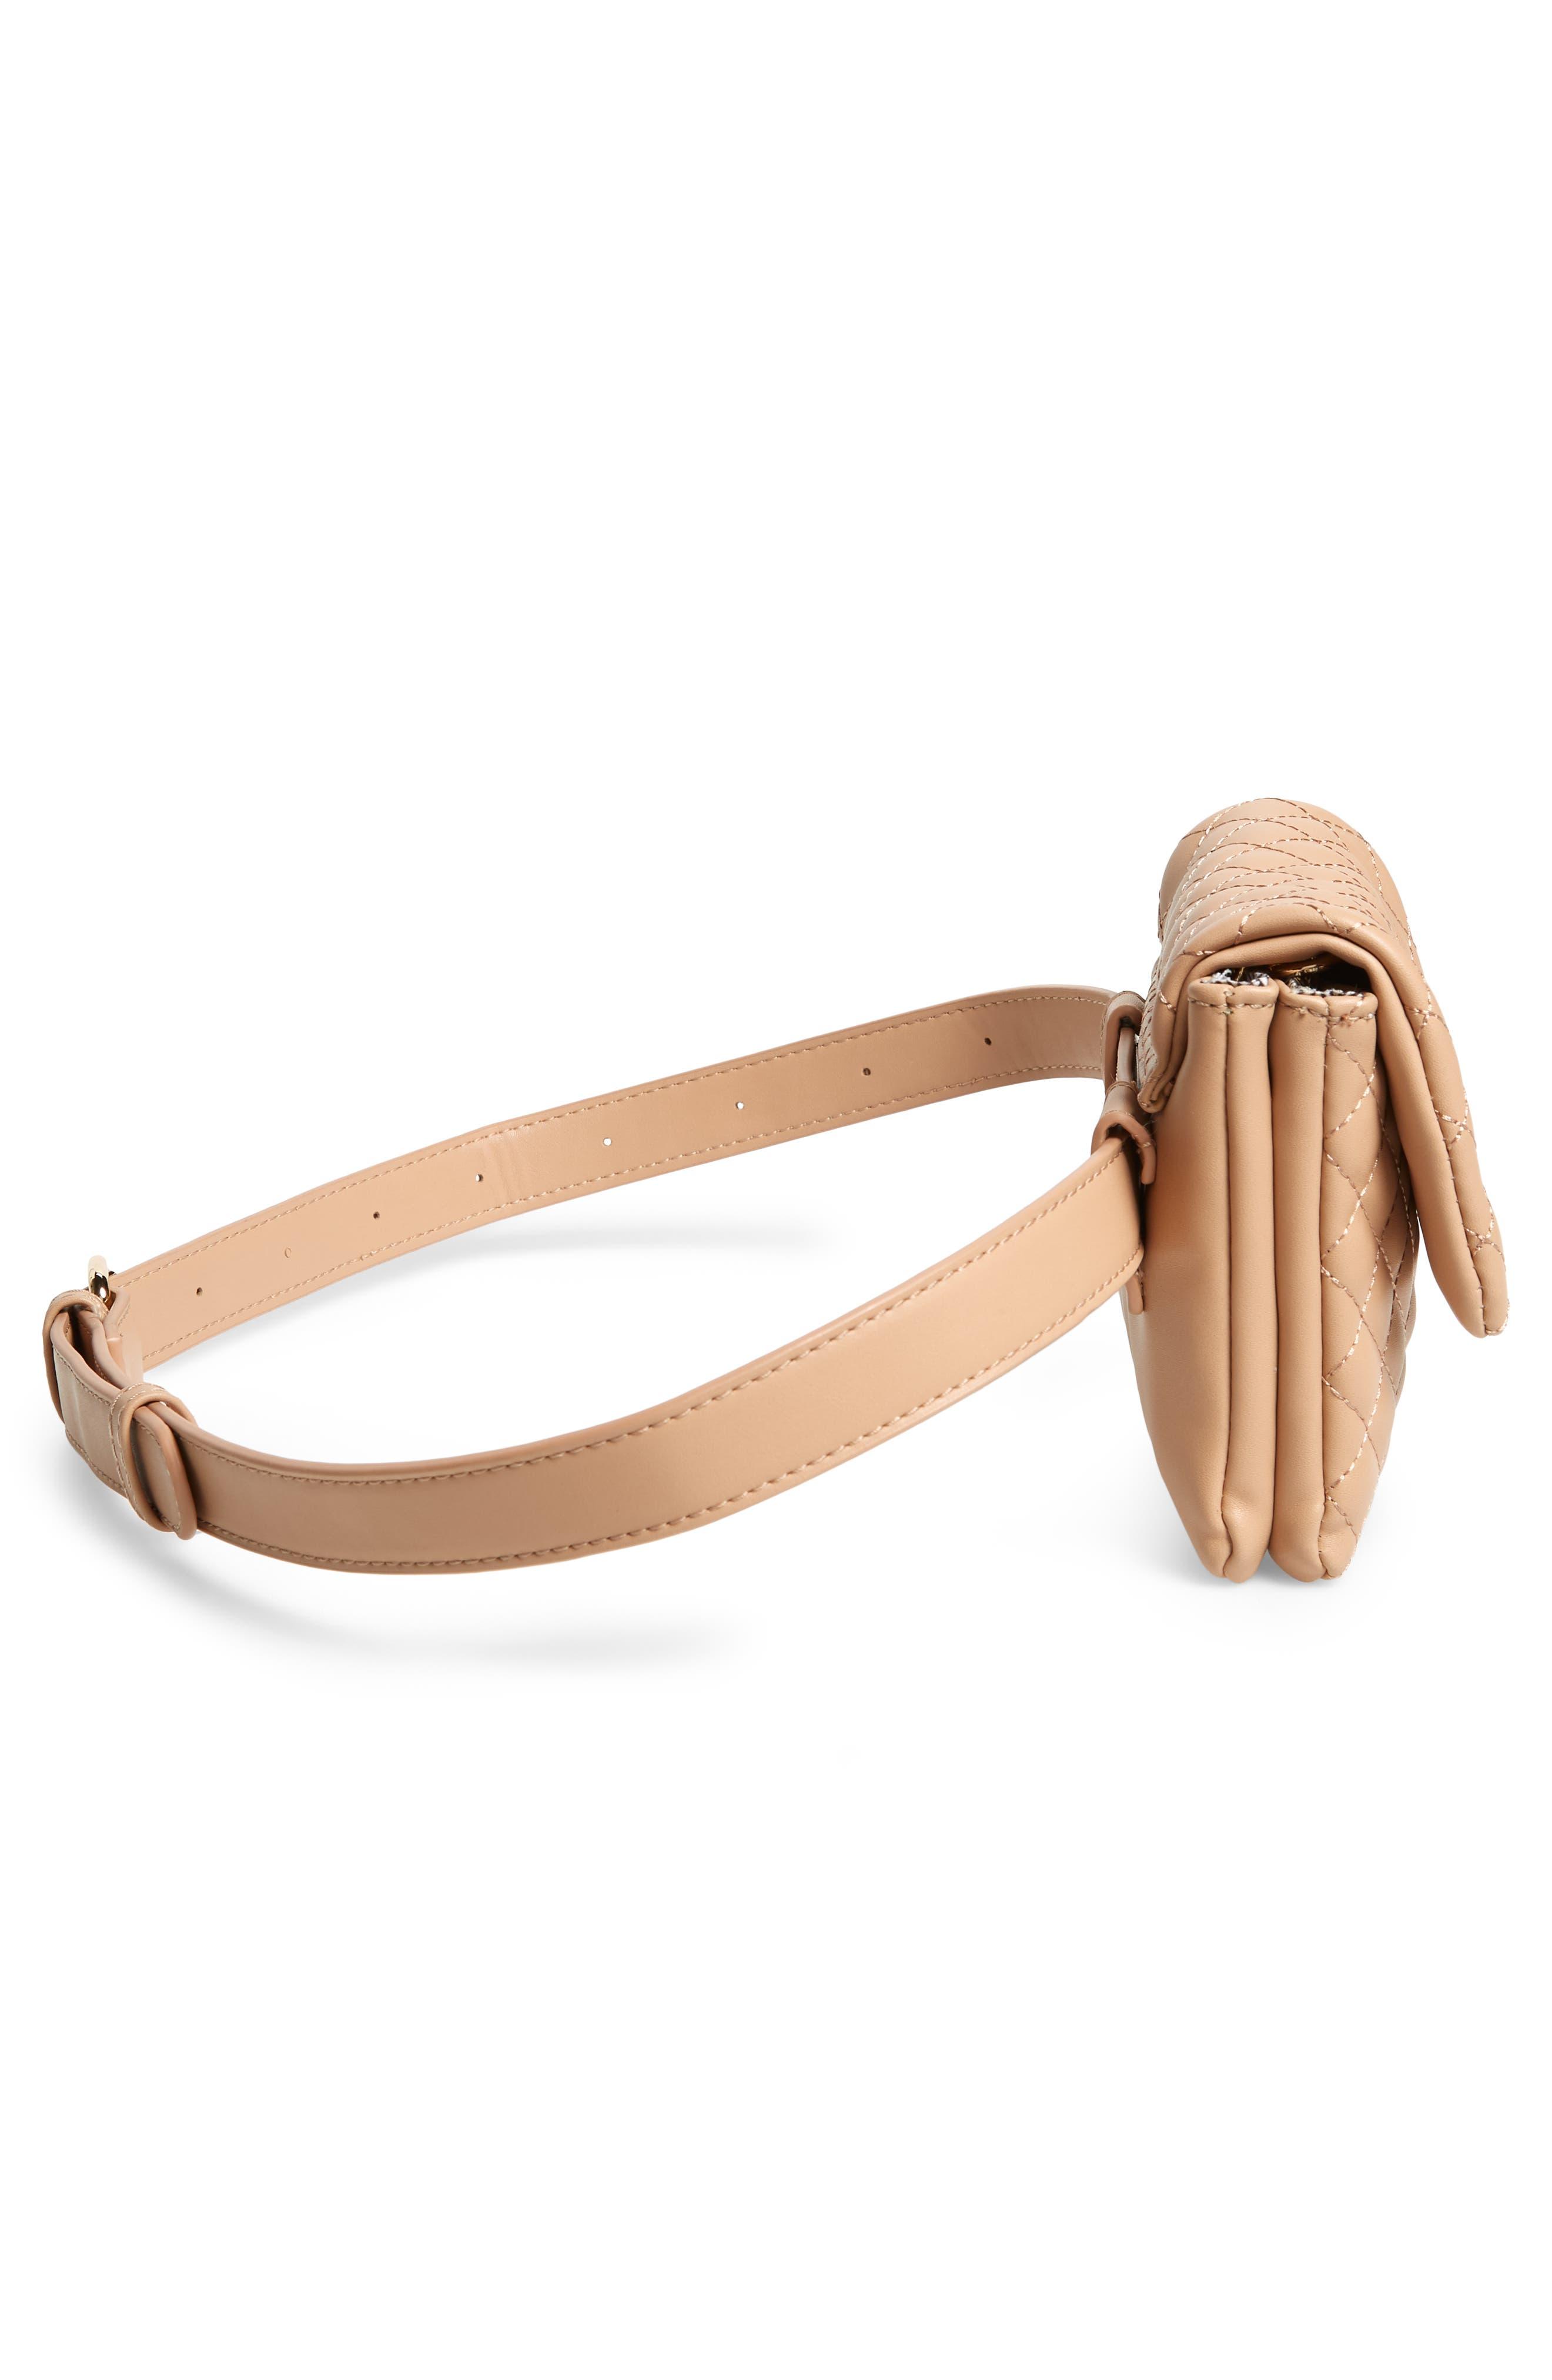 Mali + Lili Quilted Vegan Leather Belt Bag,                             Alternate thumbnail 6, color,                             CAMEL